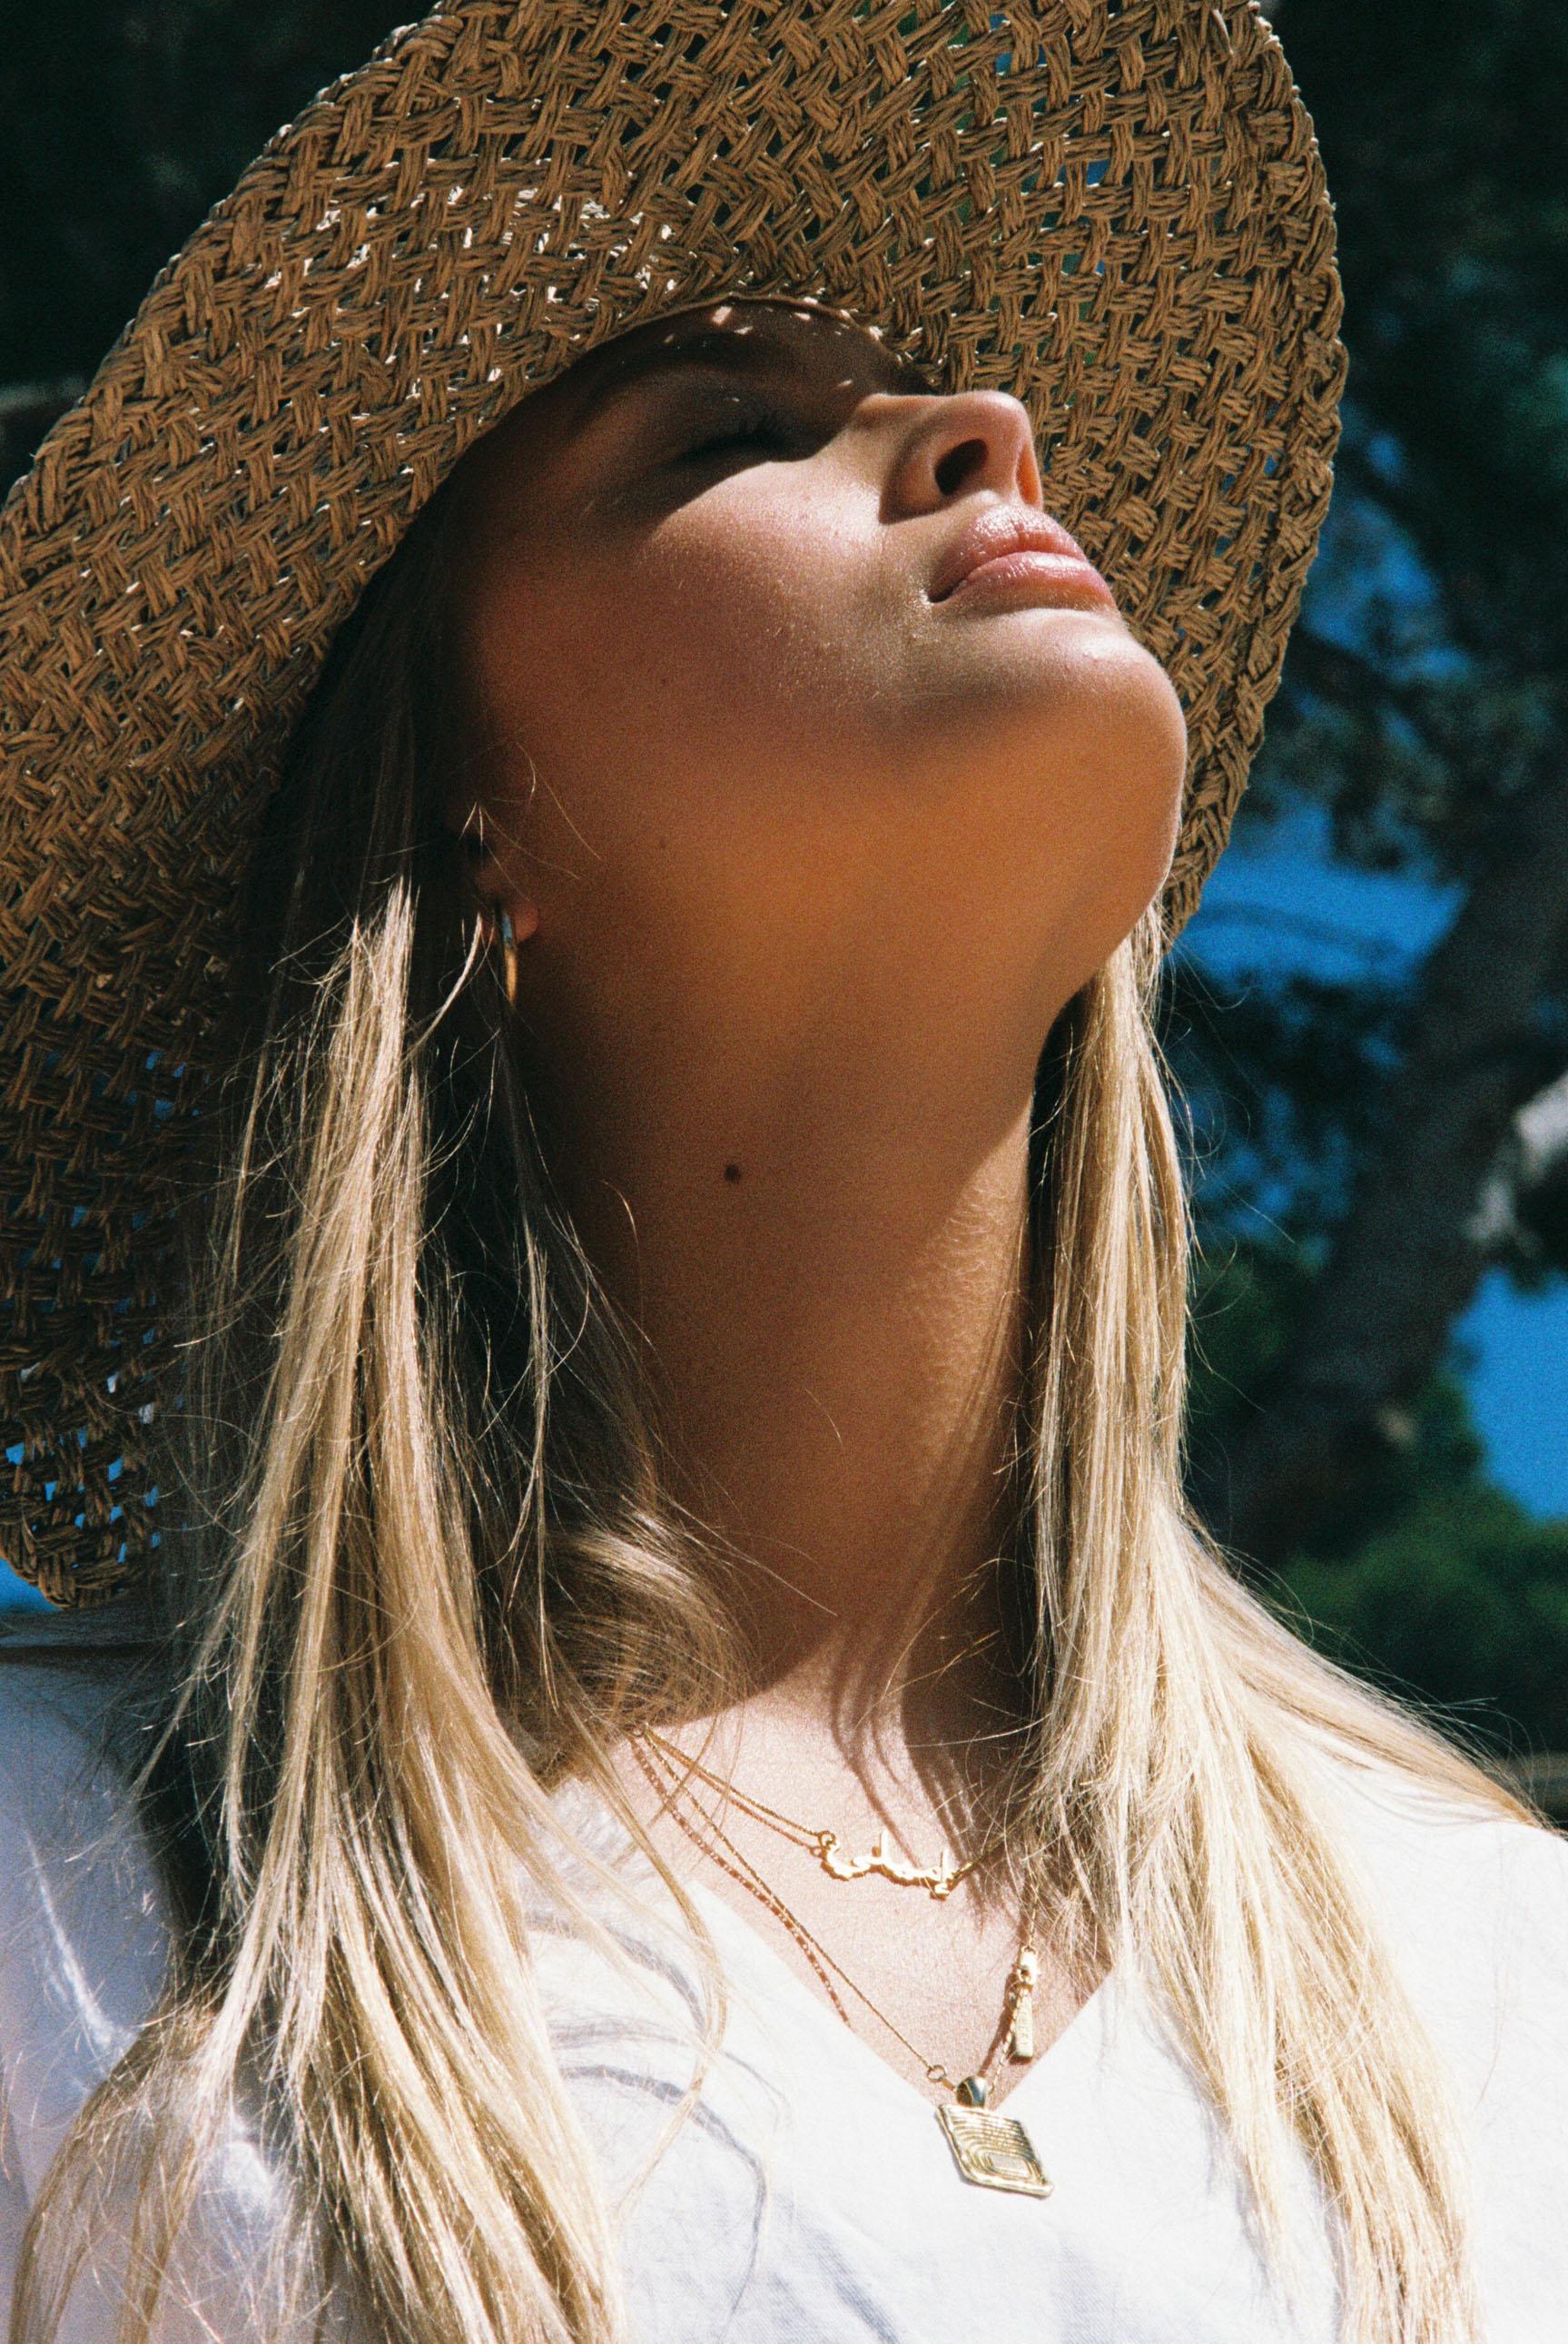 Бритни ван дер Стин в пляжной одежде модного бренда Rada Bryant, весна-лето 2020 / фото 11